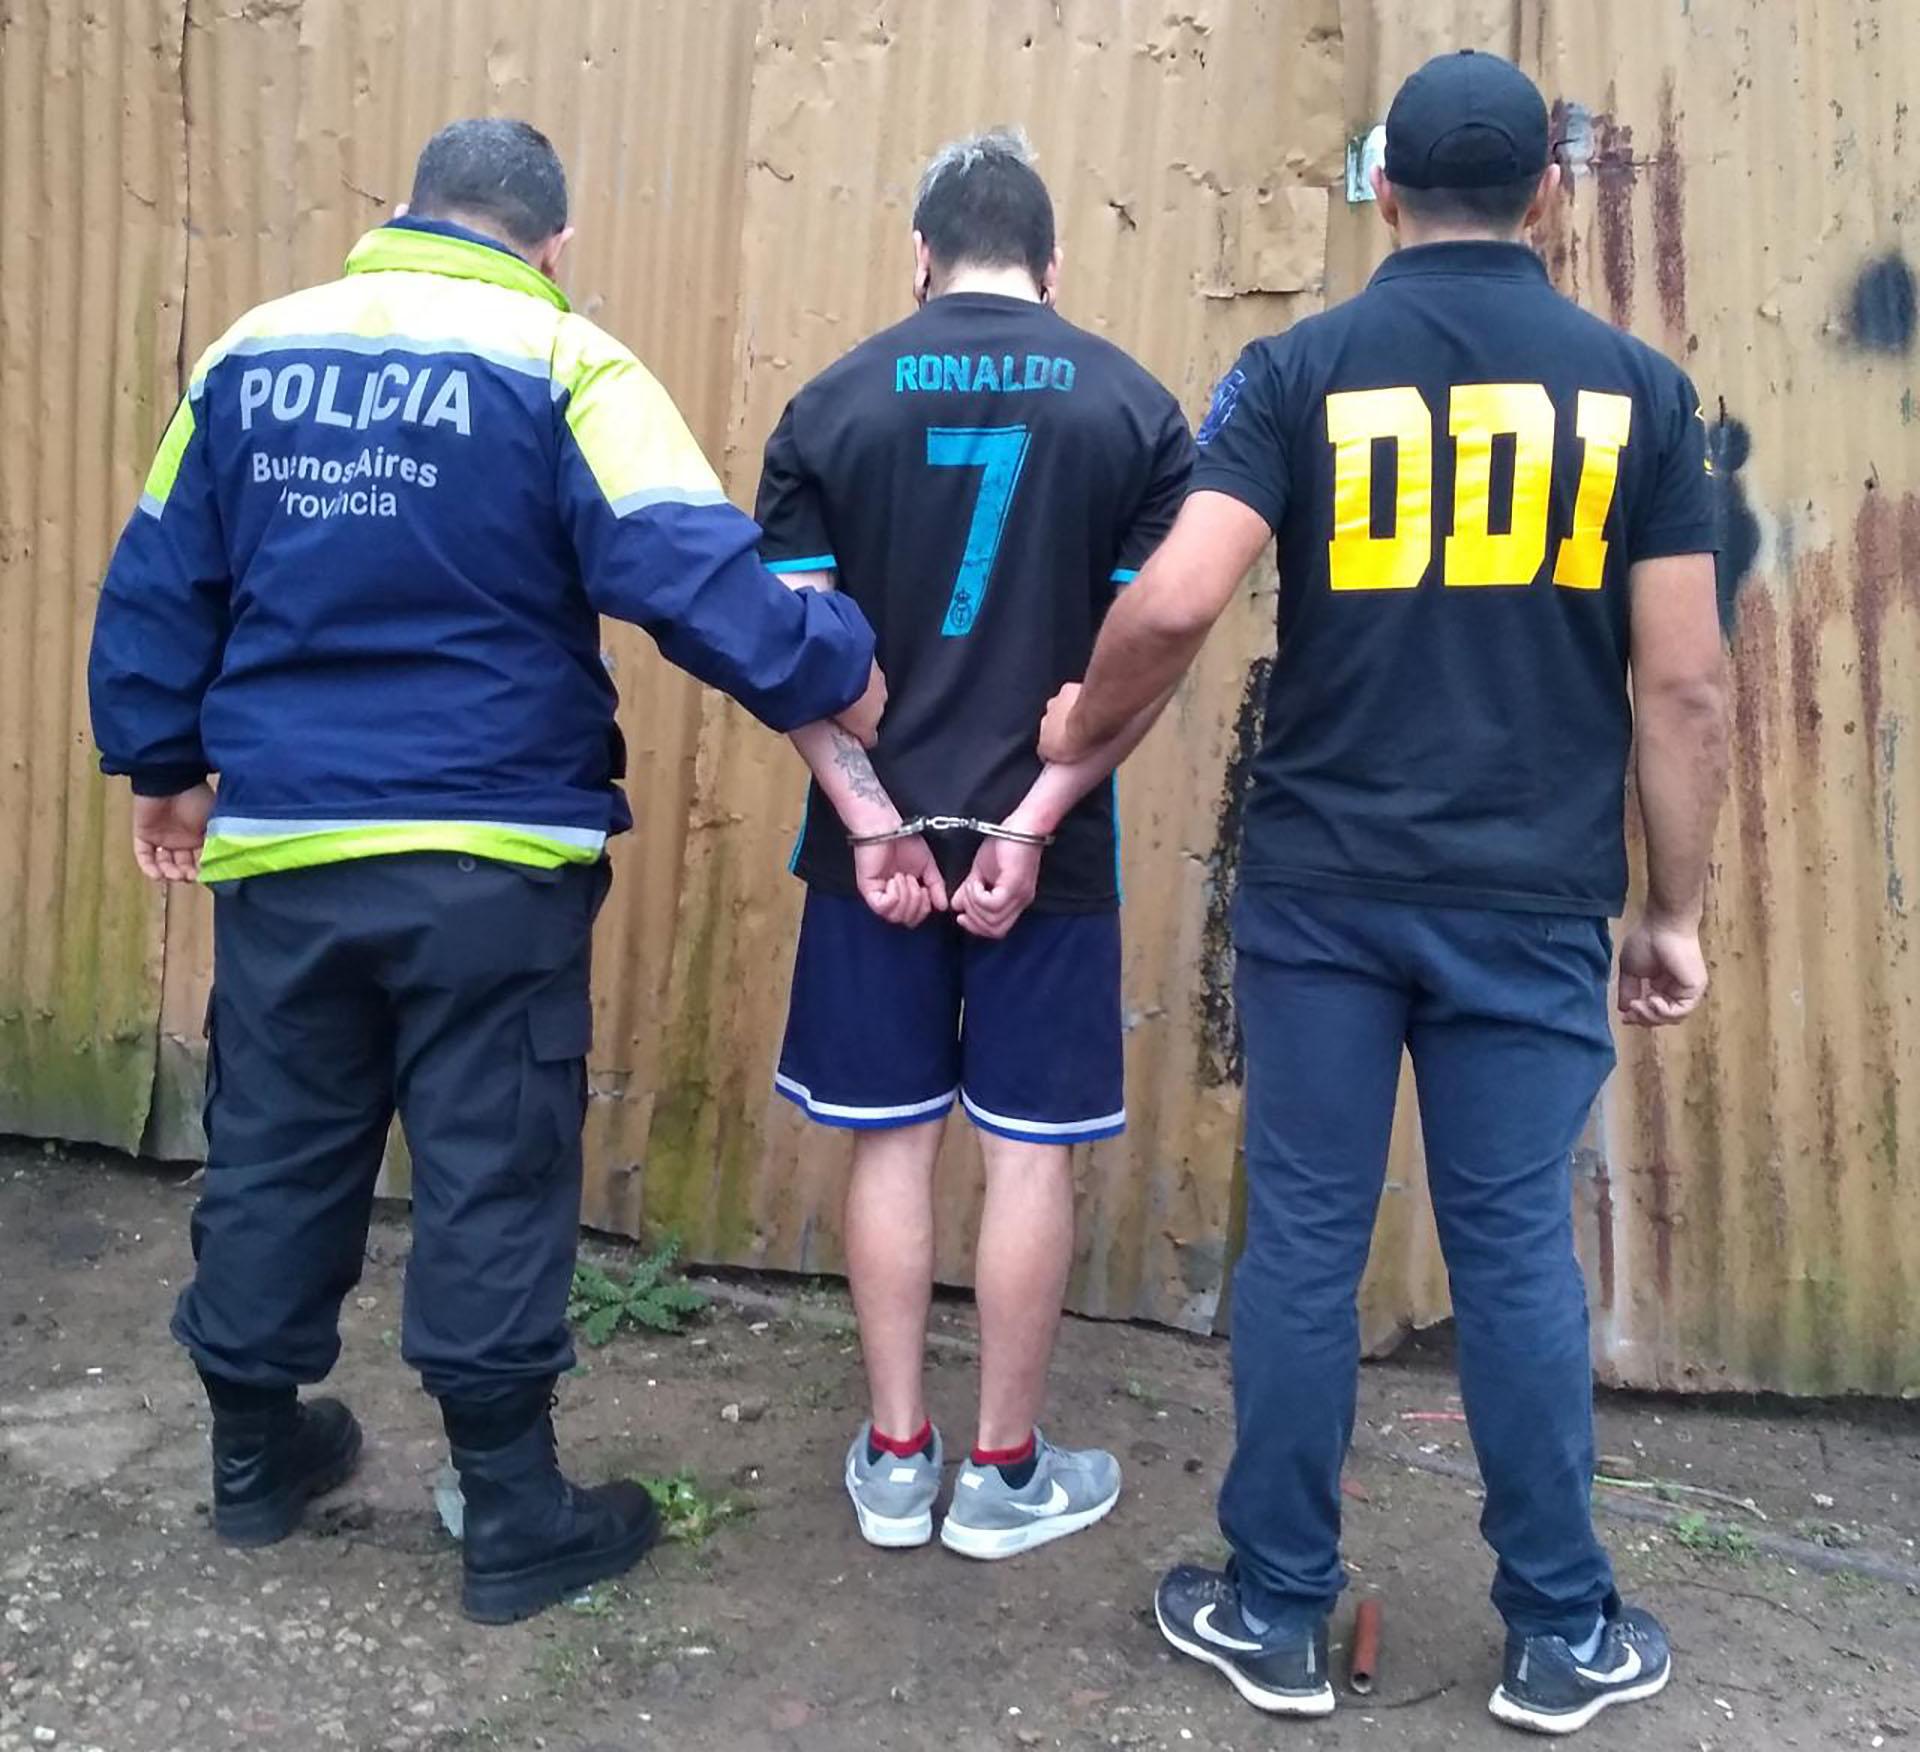 El presunto fue detenido durante la tarde del miércoles